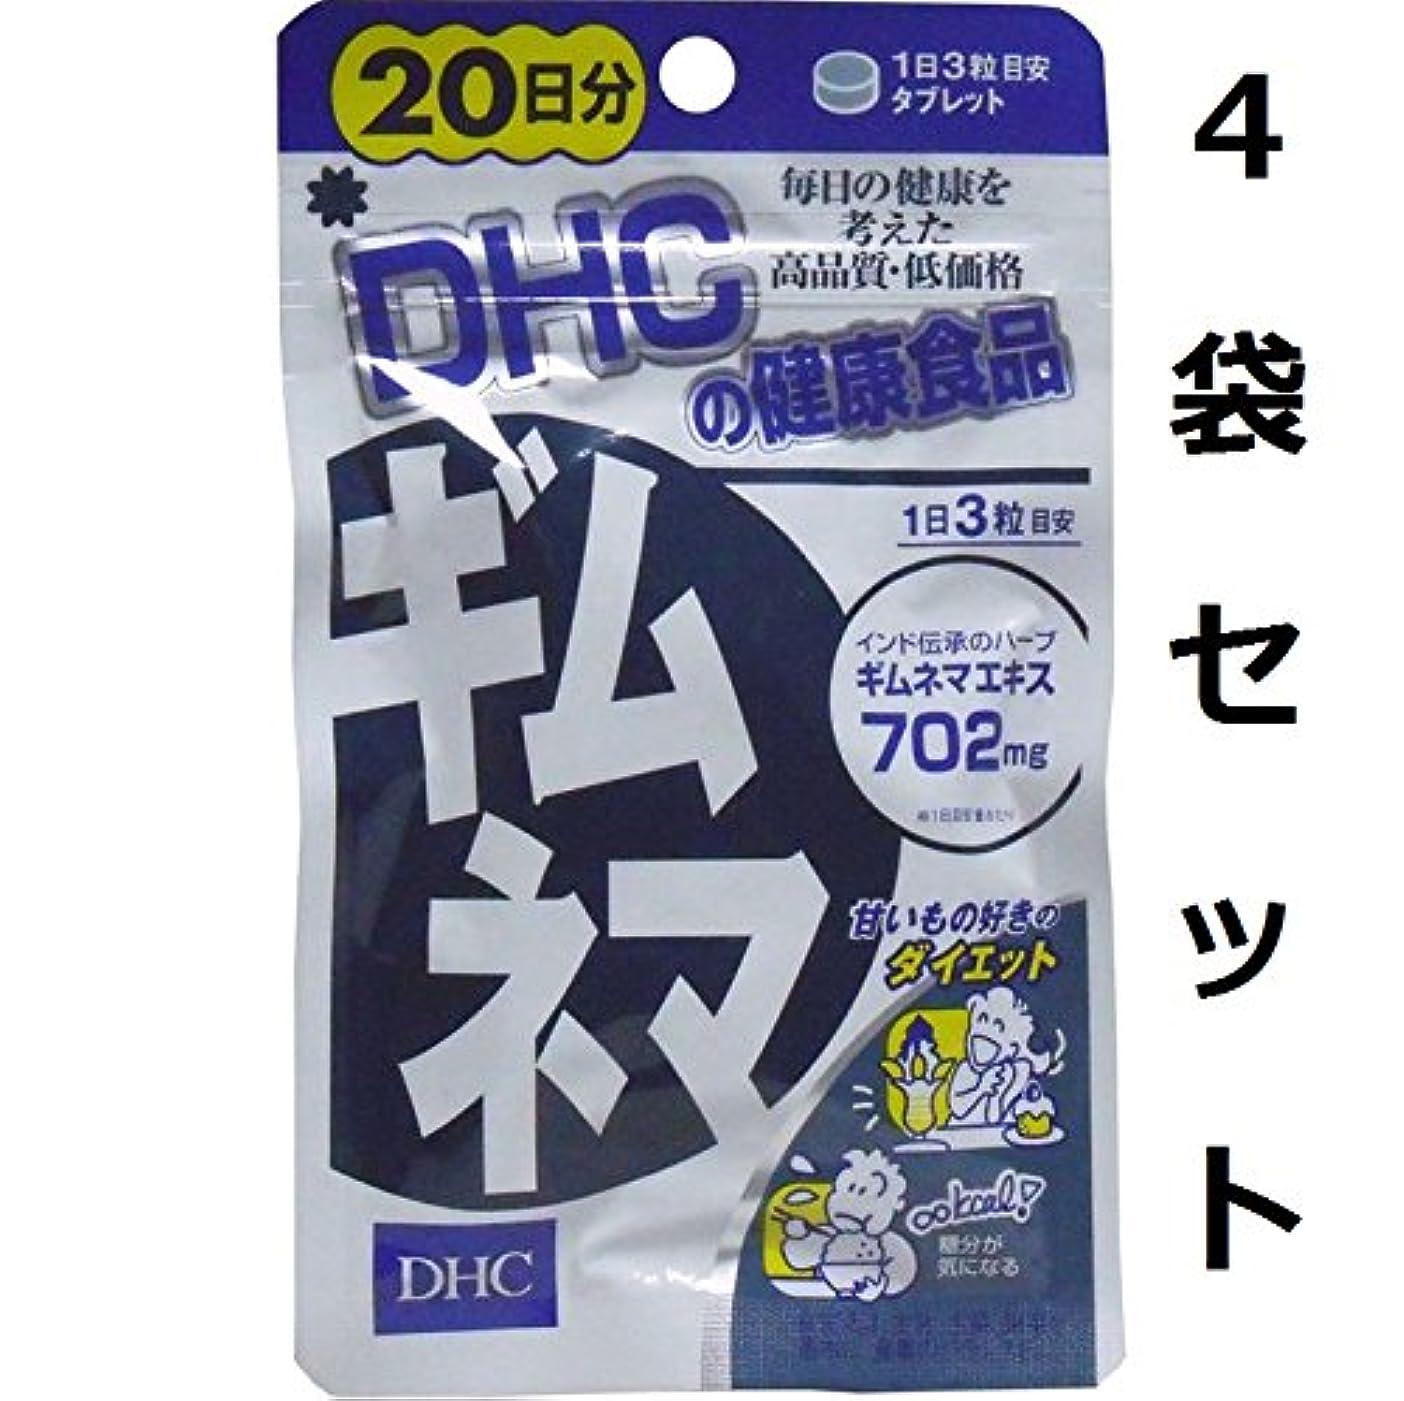 頑丈審判マークダウン大好きな「甘いもの」をムダ肉にしない DHC ギムネマ 20日分 60粒 4袋セット